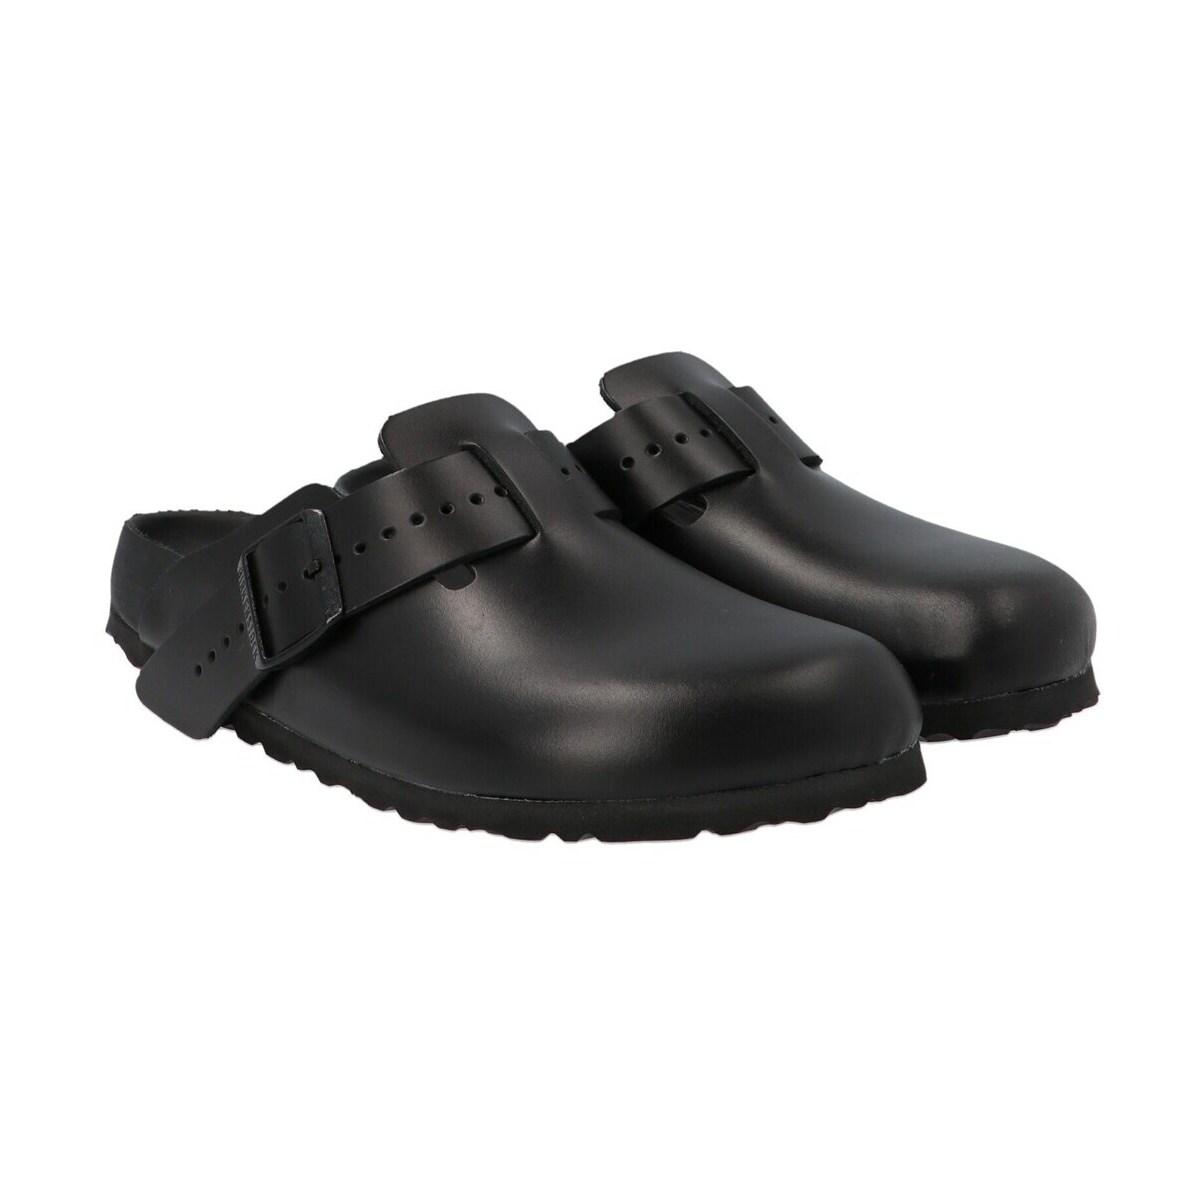 レディース靴, スリッポン RICK OWENS Black Boston and Birkenstock collab. slides 2021 BW21S38091946809 ju